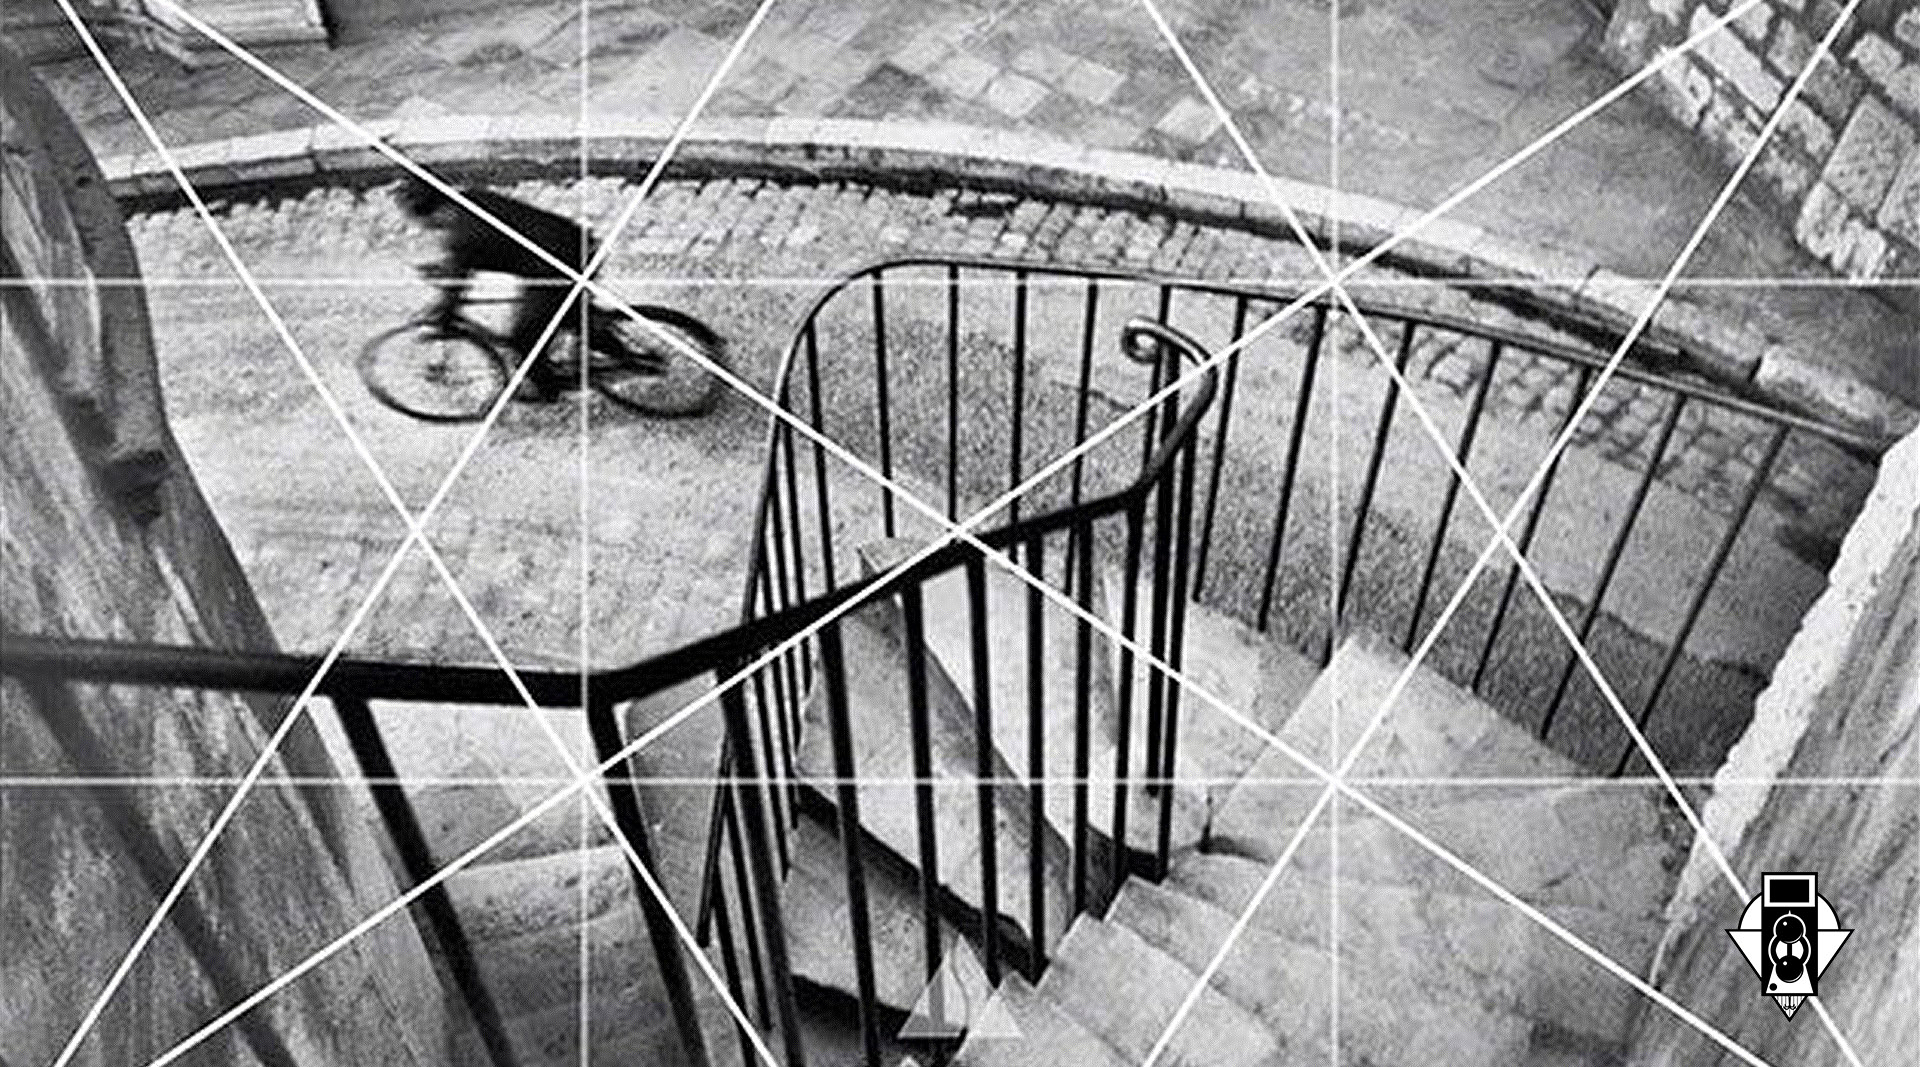 Уроки изобразительного искусства для фотографа. №3: Композиция